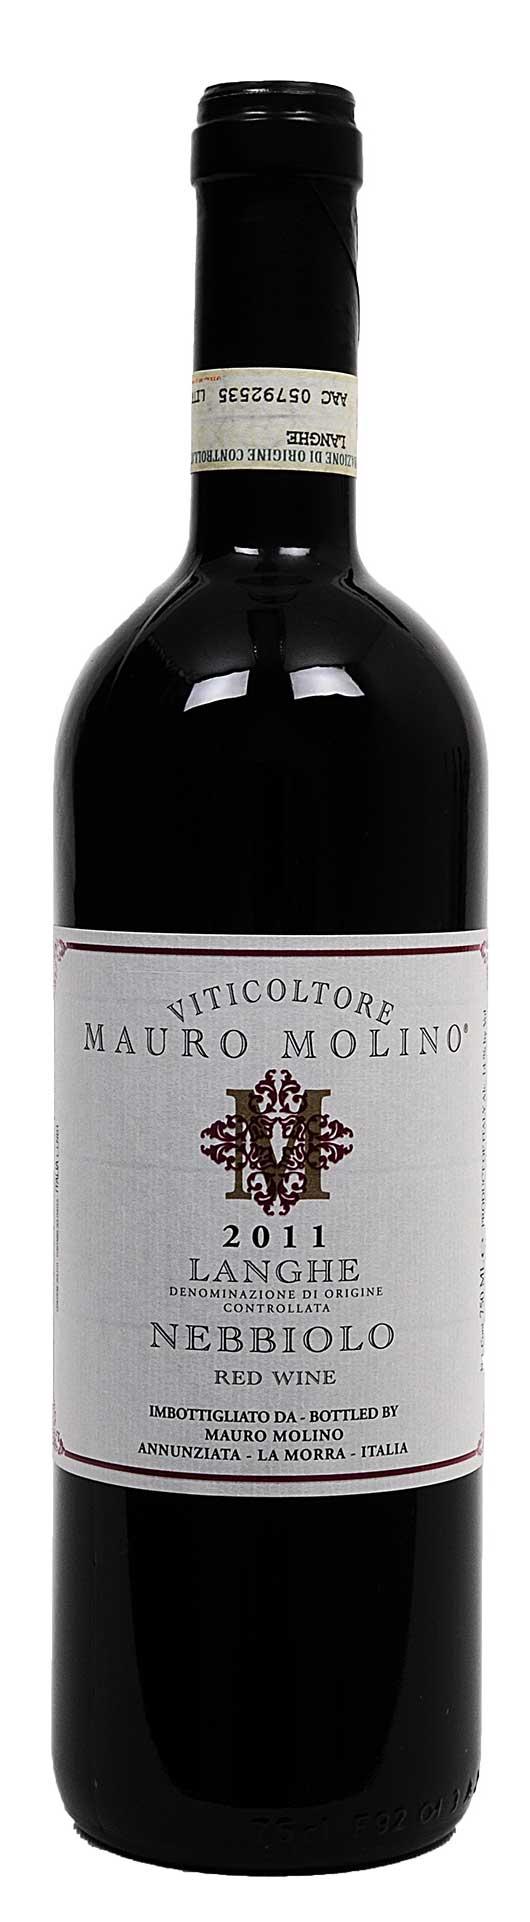 Langhe Nebbiolo ( Azienda Agricola Mauro Molino ) 2013